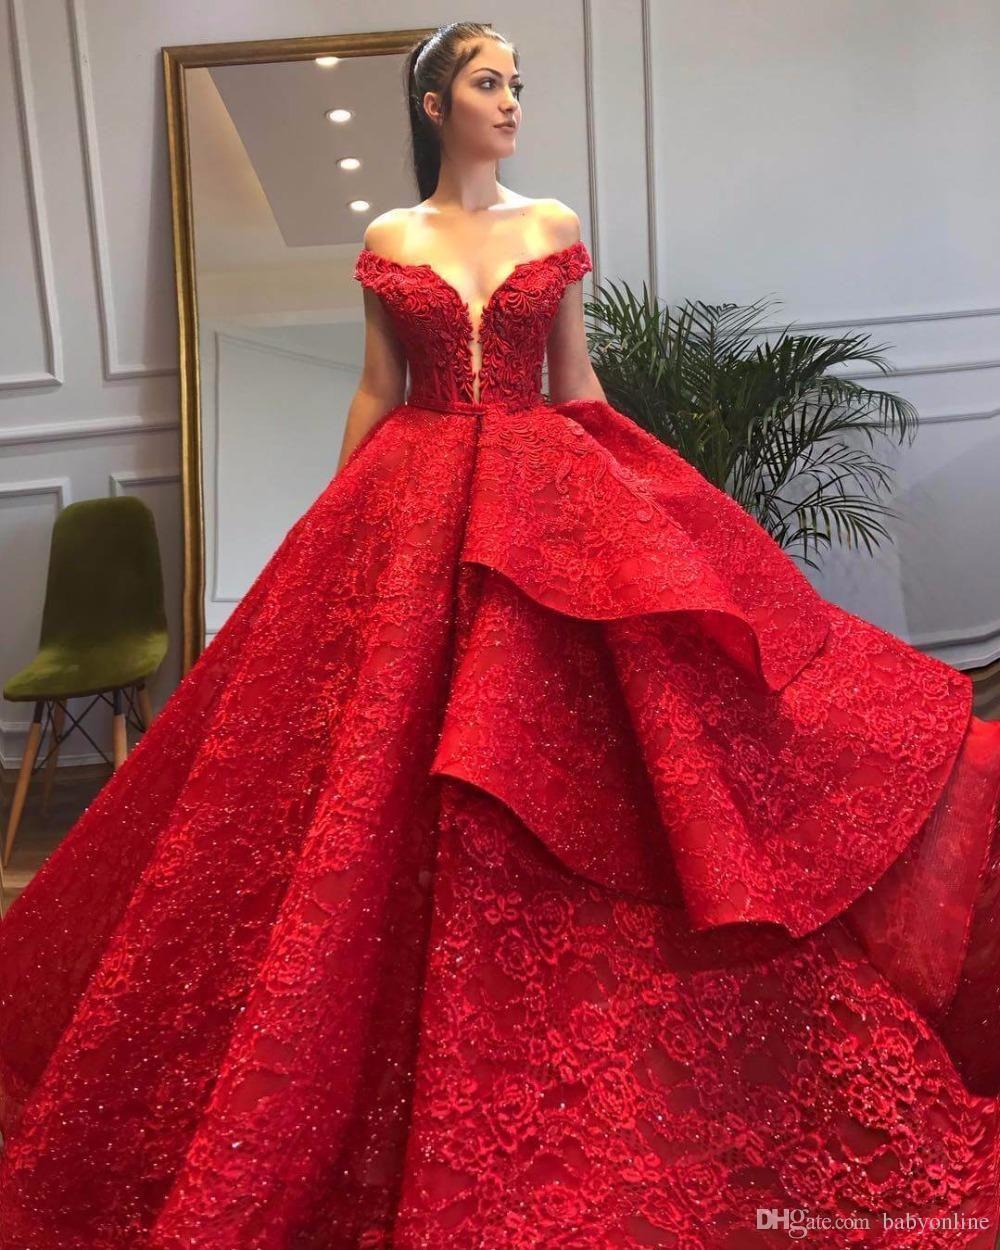 Elegante Vermelho Quinceanera Vestidos Layer Ruffles Fora do Ombro Lace Appliques Lantejoulas Formal Prom Pagenat Quinceanera Vestidos